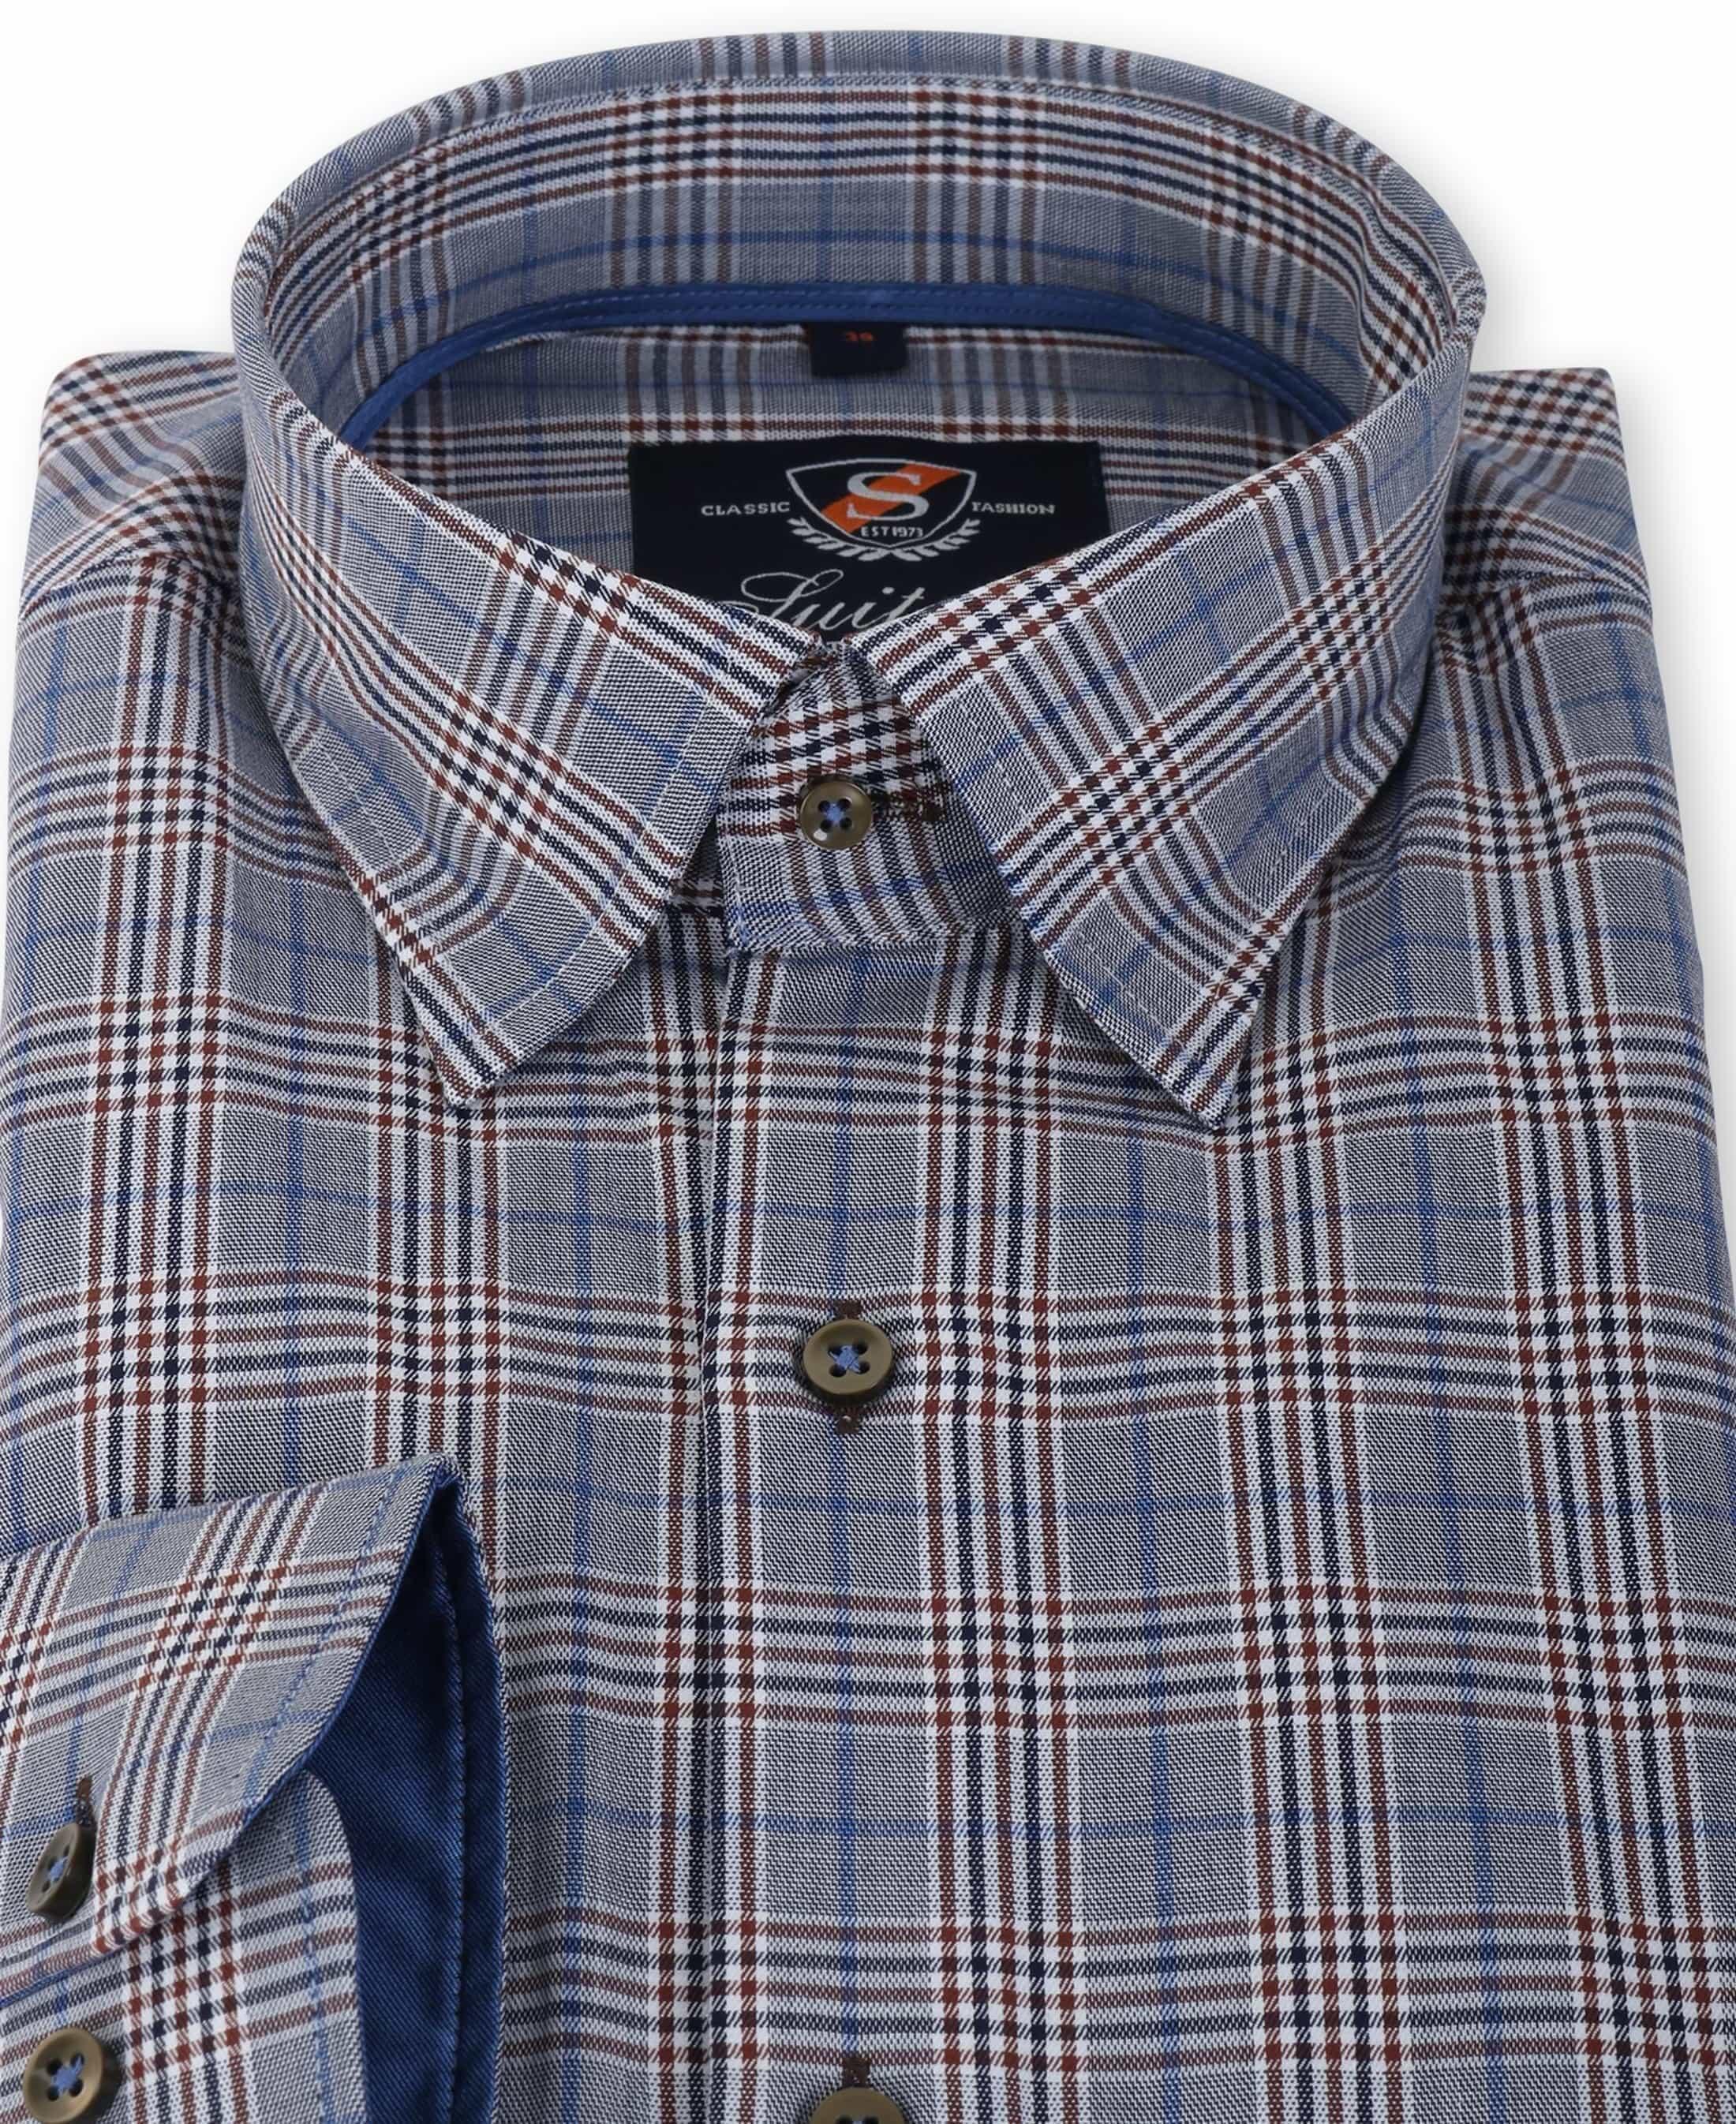 Suitable Overhemd Blauw Ruit 133-6 foto 1